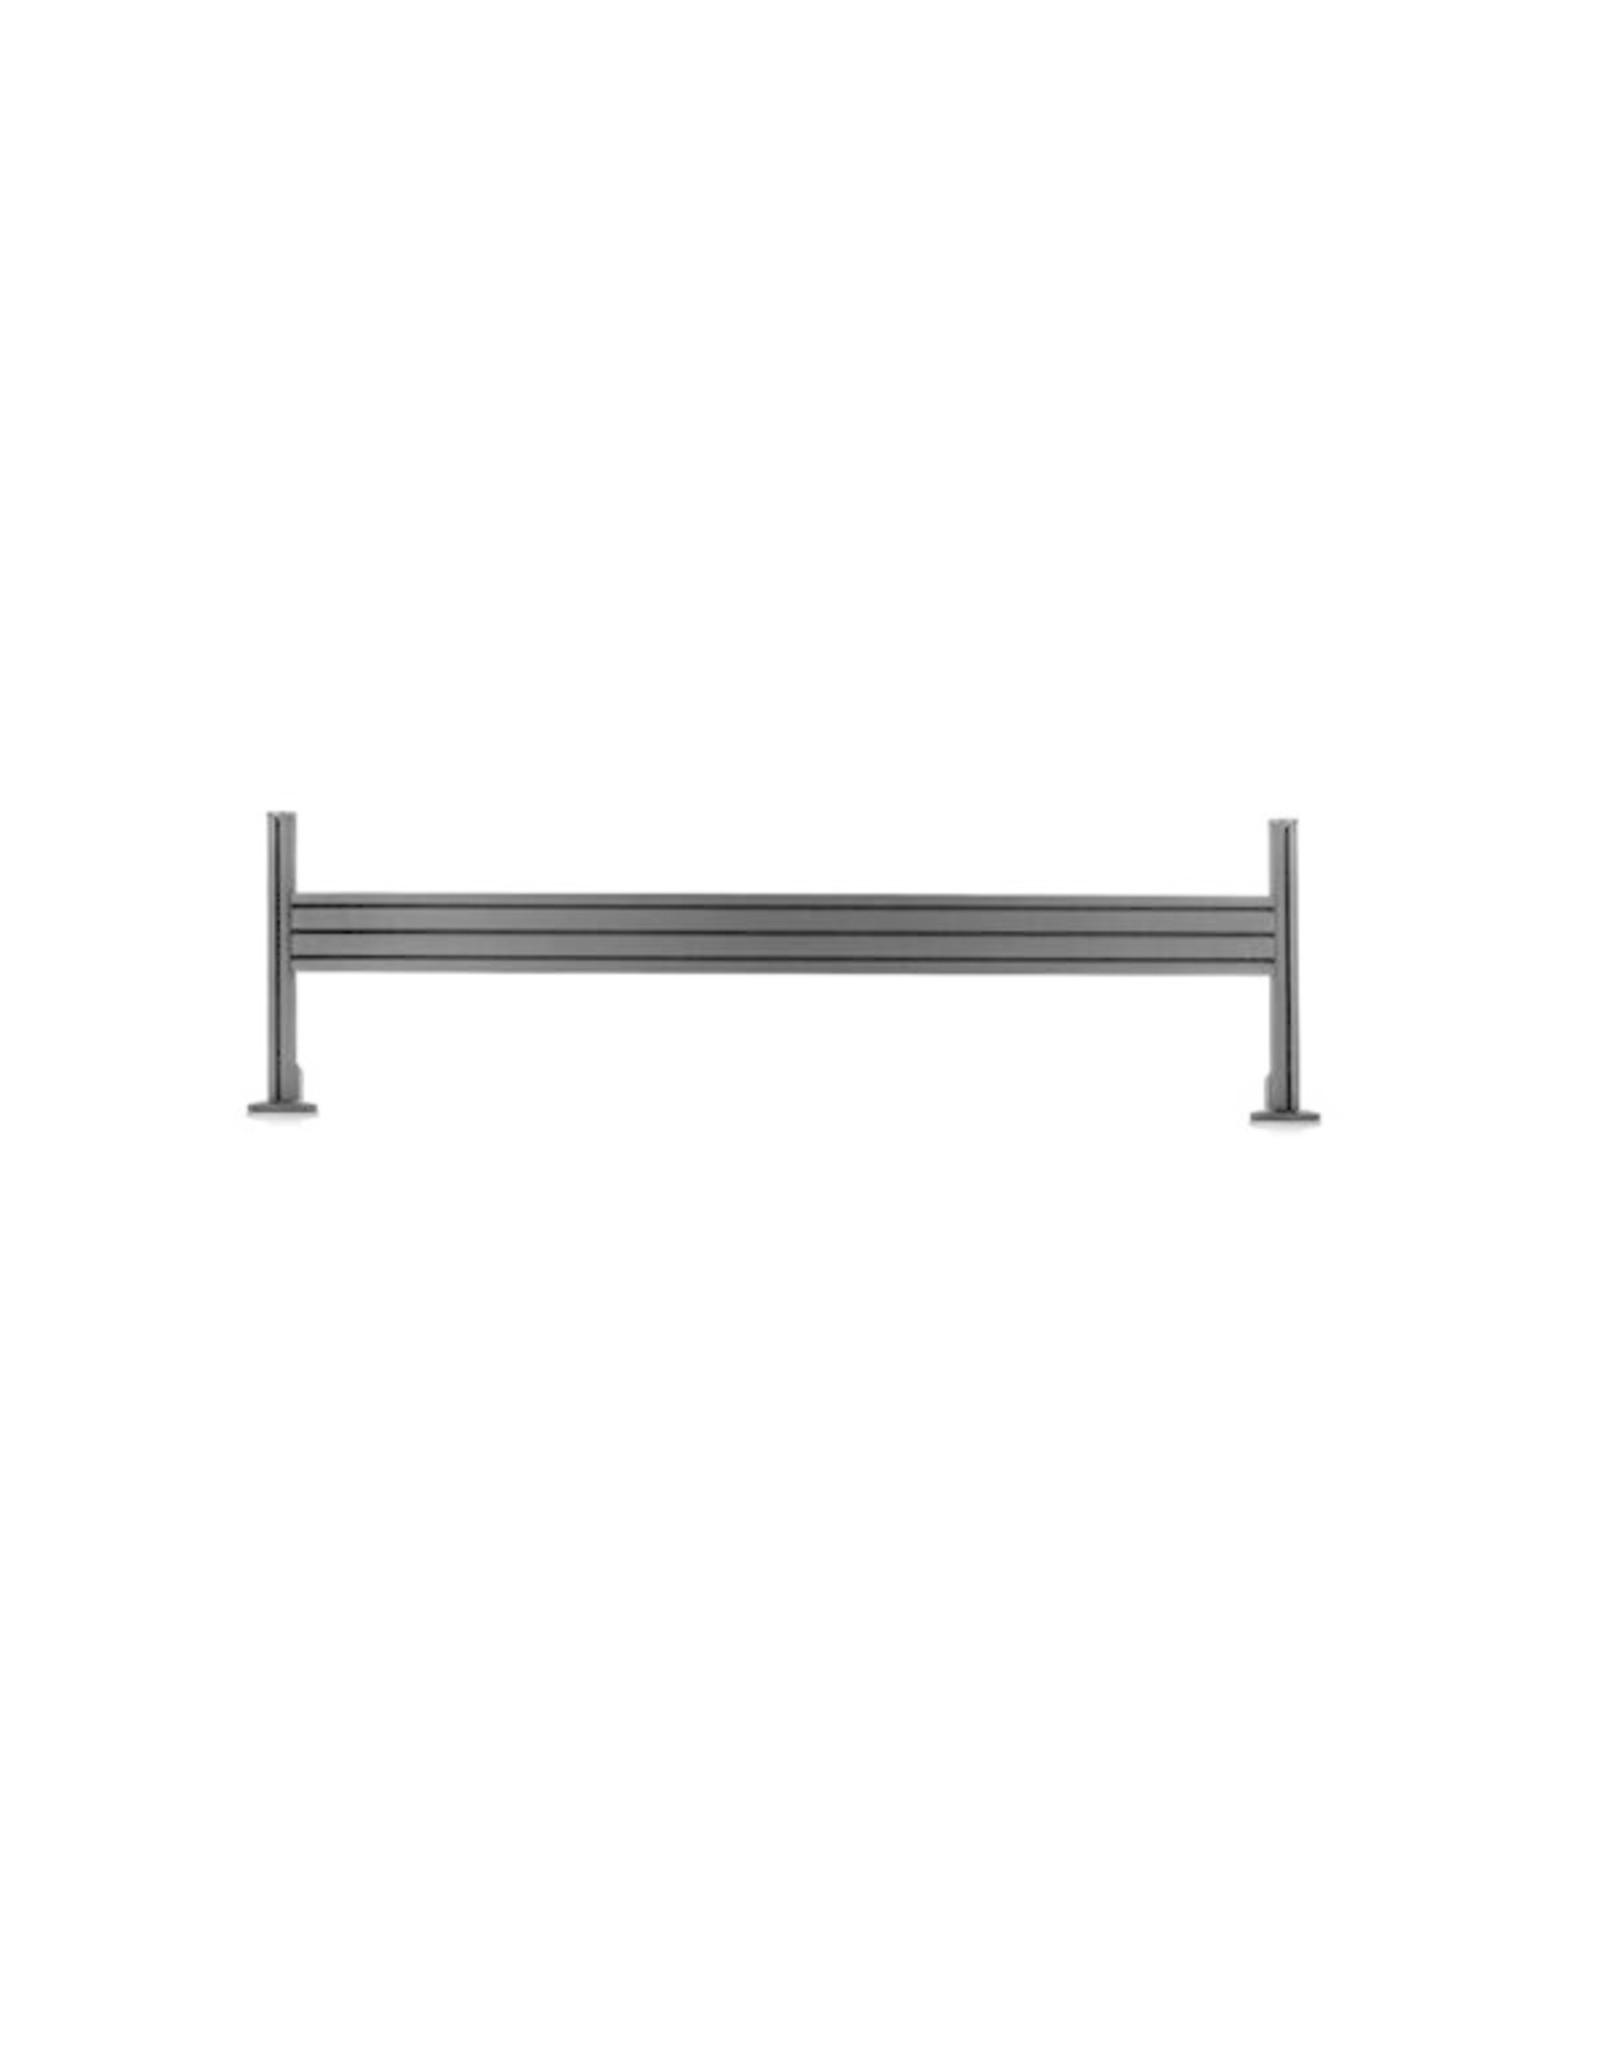 Ergo Galaxy Toolbar 150 cm